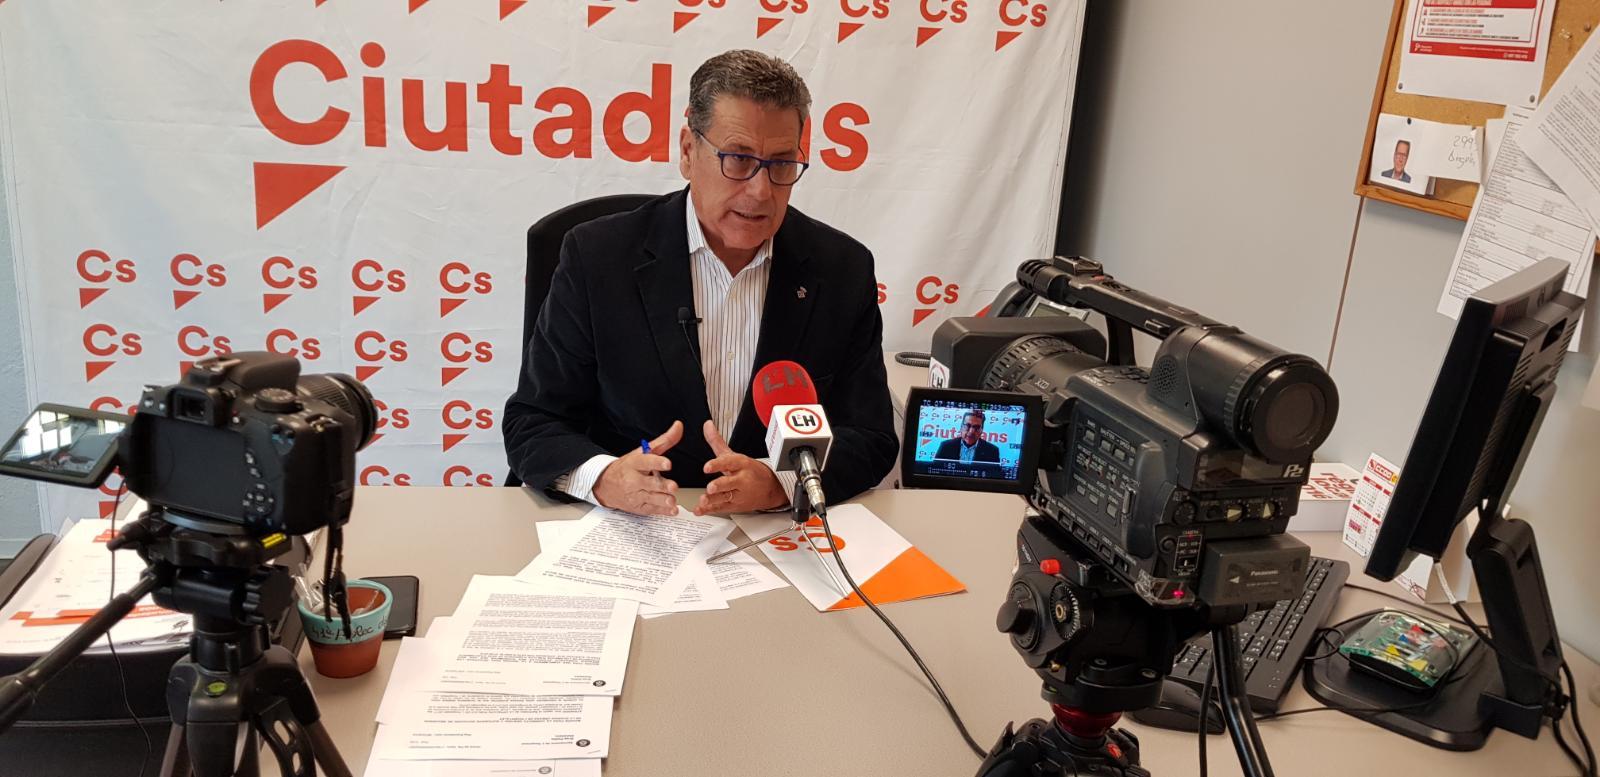 El portavoz de Cs l'Hospitalet, Miguel García, atiende a los medios de comunicación